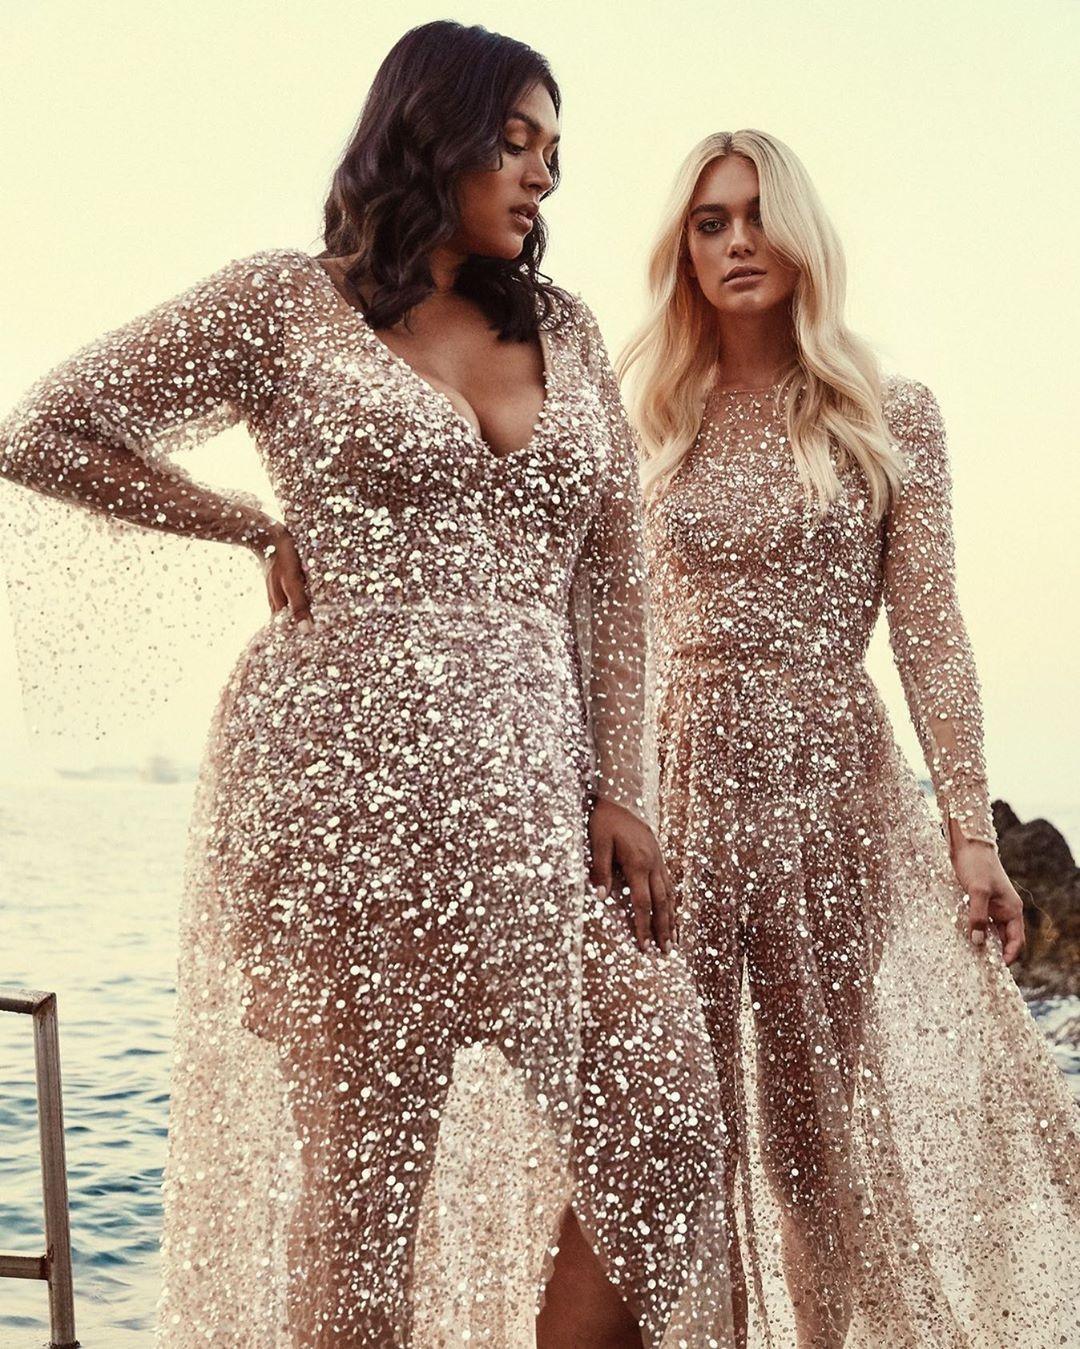 Modetrend Brautkleid Das Sind Die Besten Brautmoden Geschafte Fur Deine Hochzeit Brautmode Hochzeitskleid Eng Hochzeitskleid Ballkleid